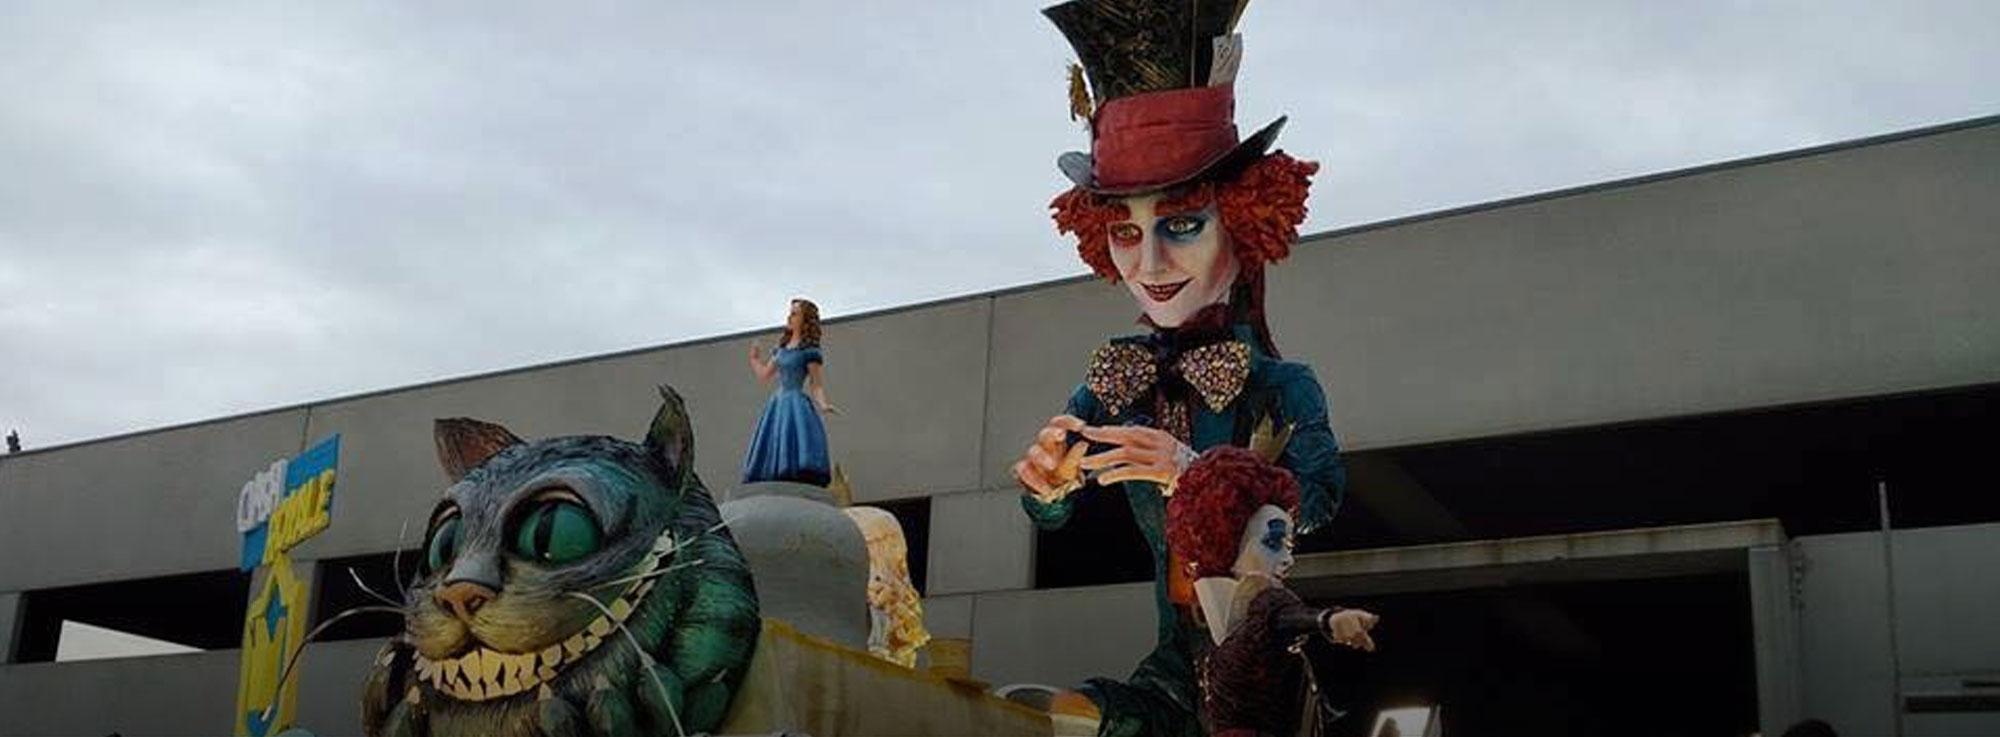 Vitigliano: 43^ edizione del Carnevale